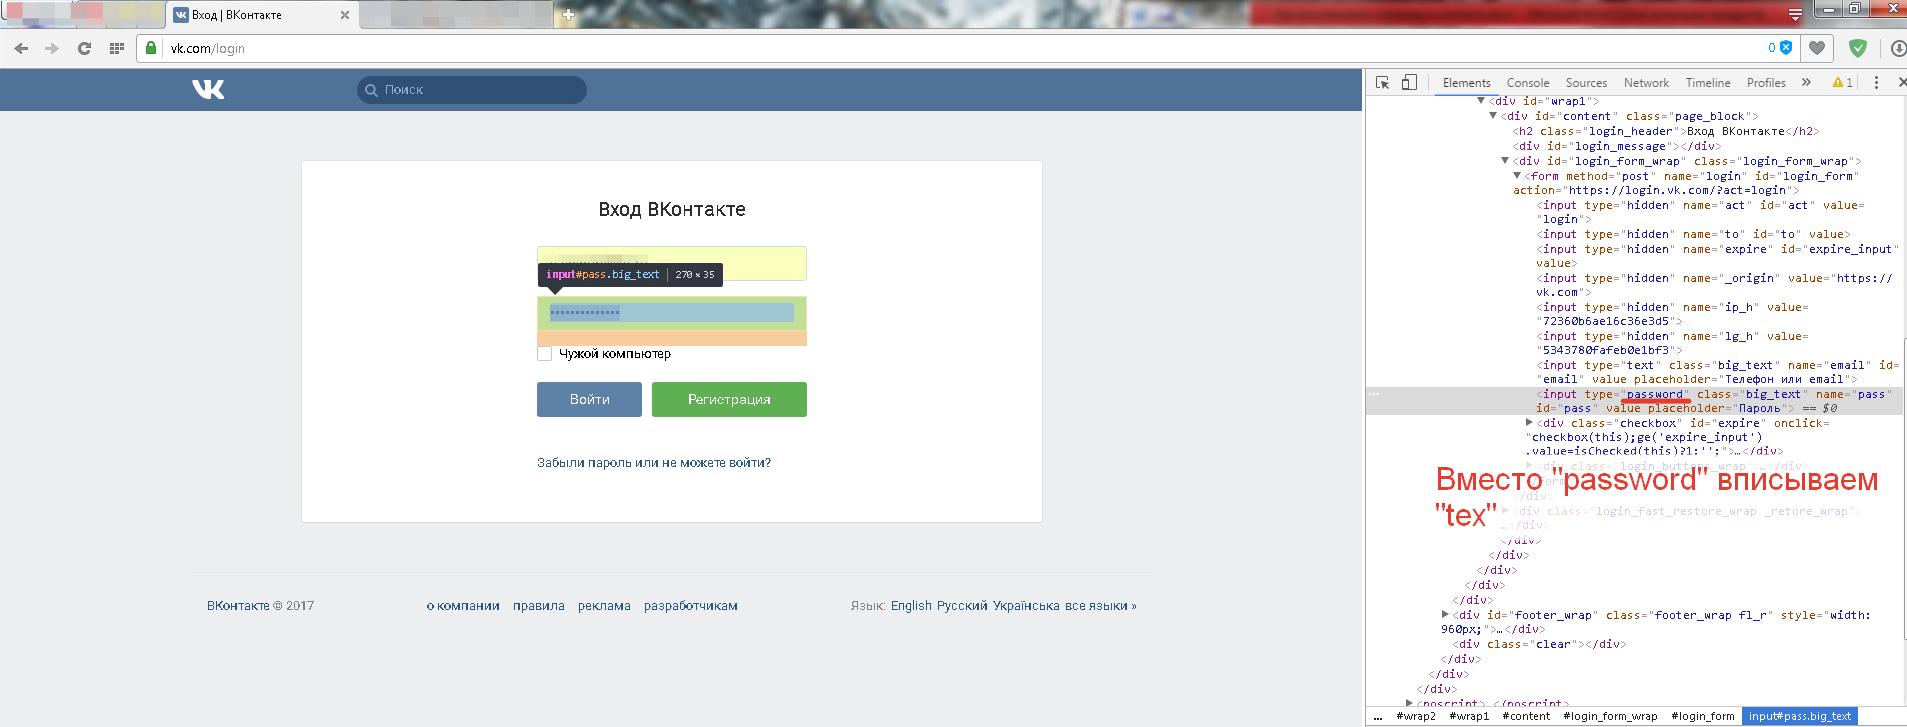 Sayfanıza VKontakte erişimini nasıl kısıtlayacağınıza ilişkin soruya verilen yanıtlar 19